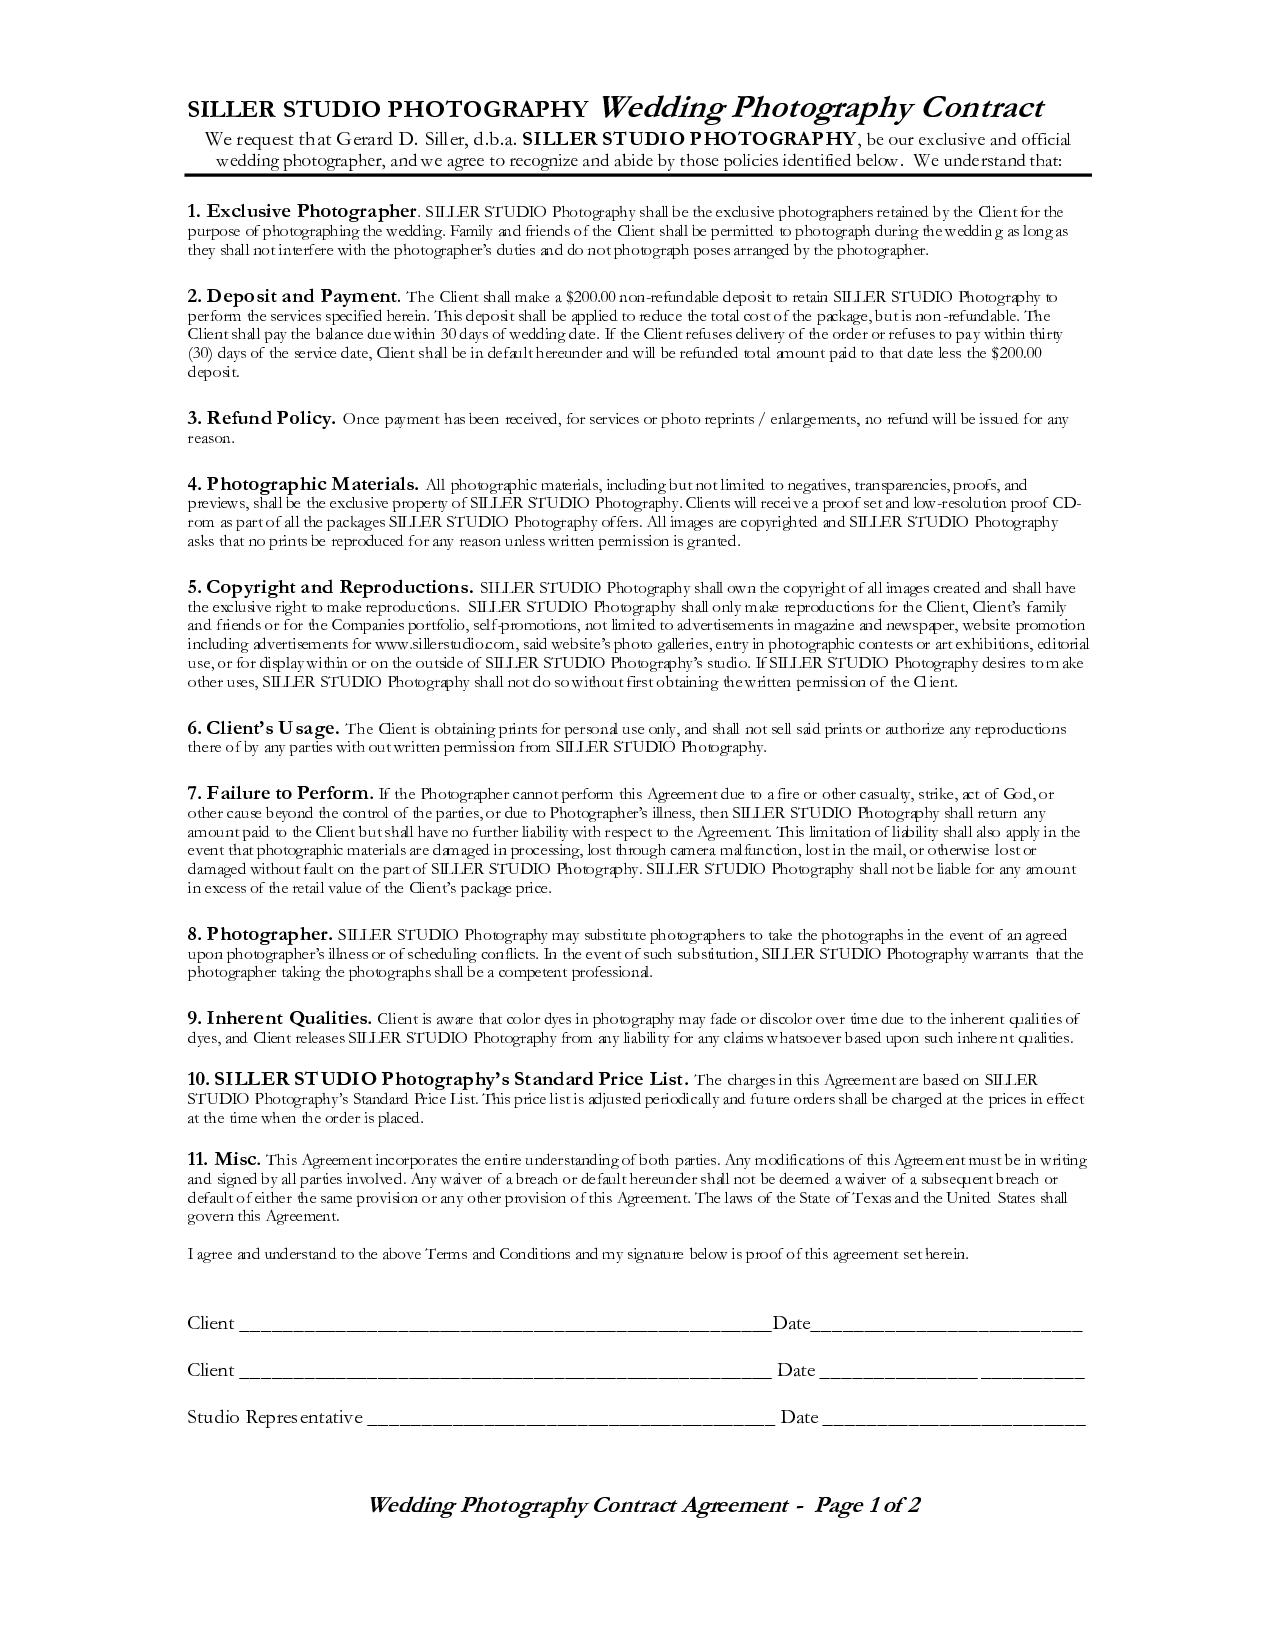 Wedding Photography Contract 4 Wedding Photography Contract – Photography Contract